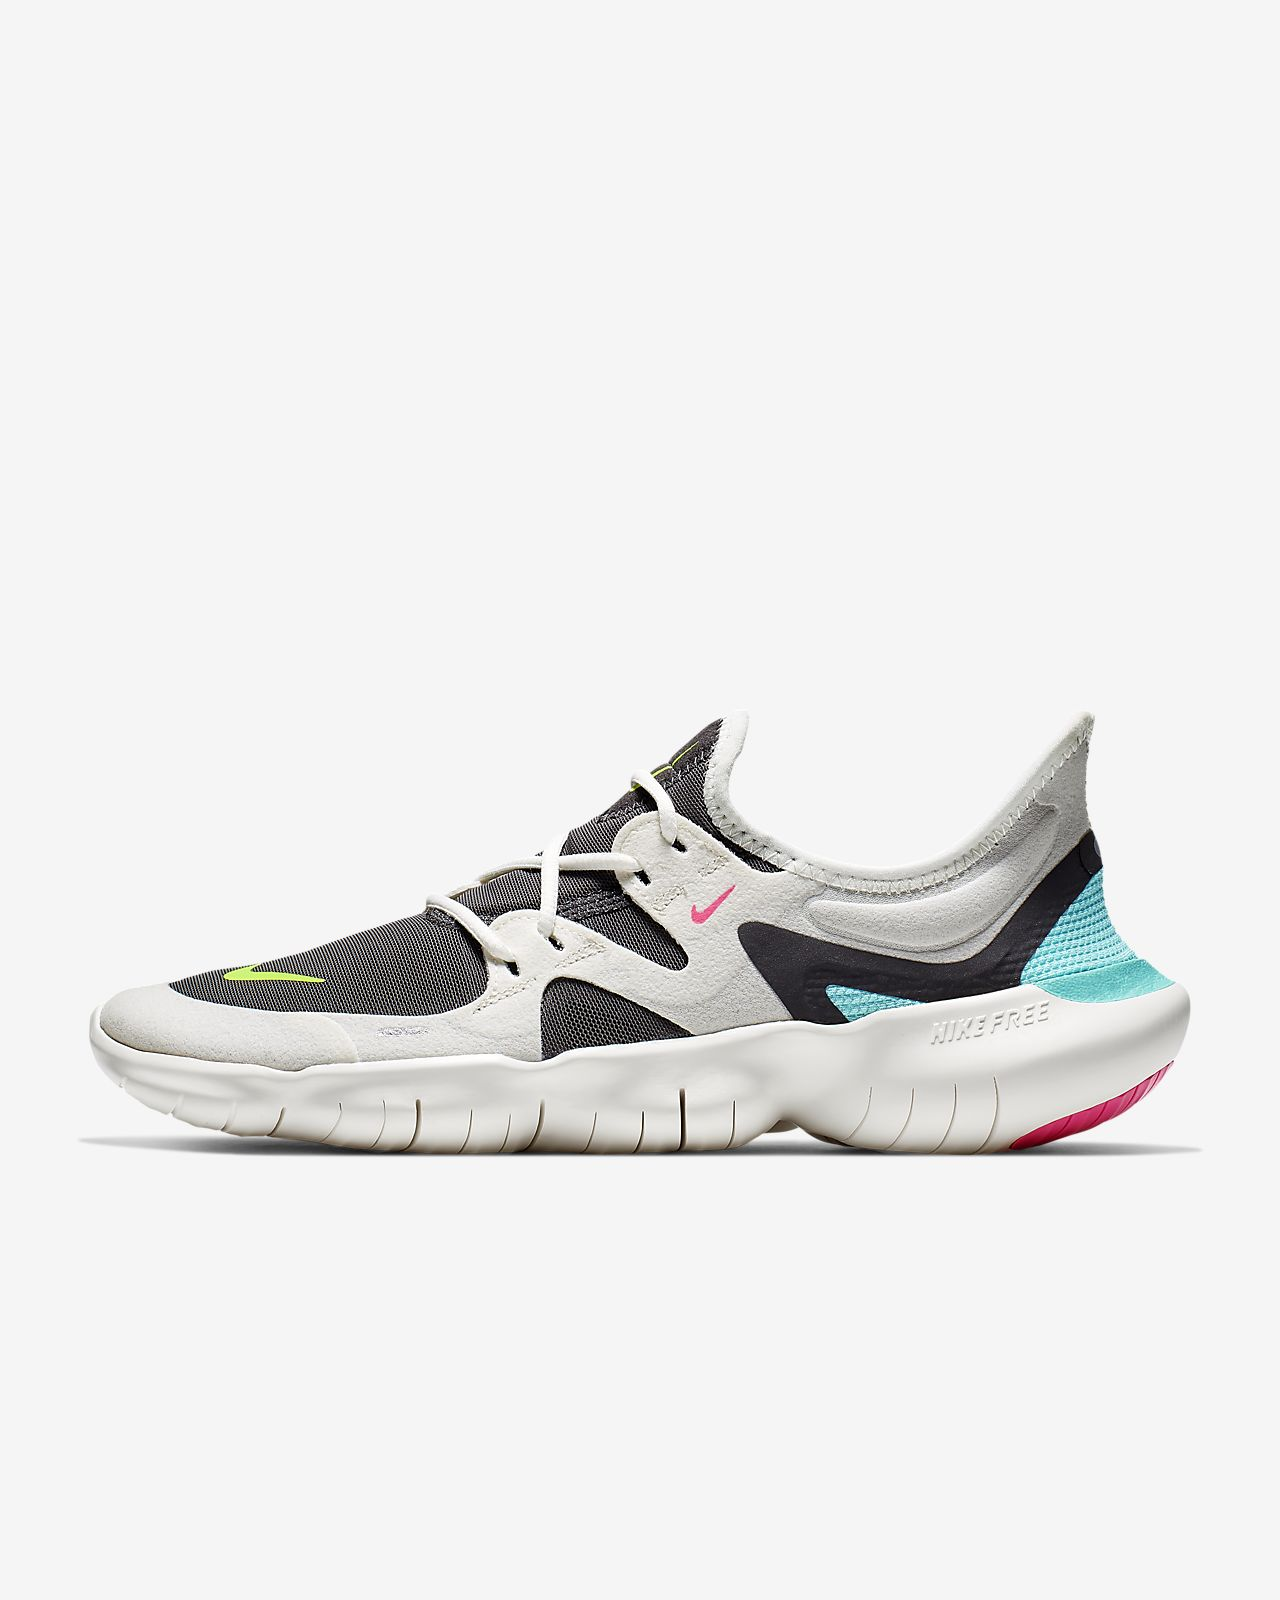 best service 97505 d2fa1 Nike Free RN 5.0 Zapatillas de running - Mujer